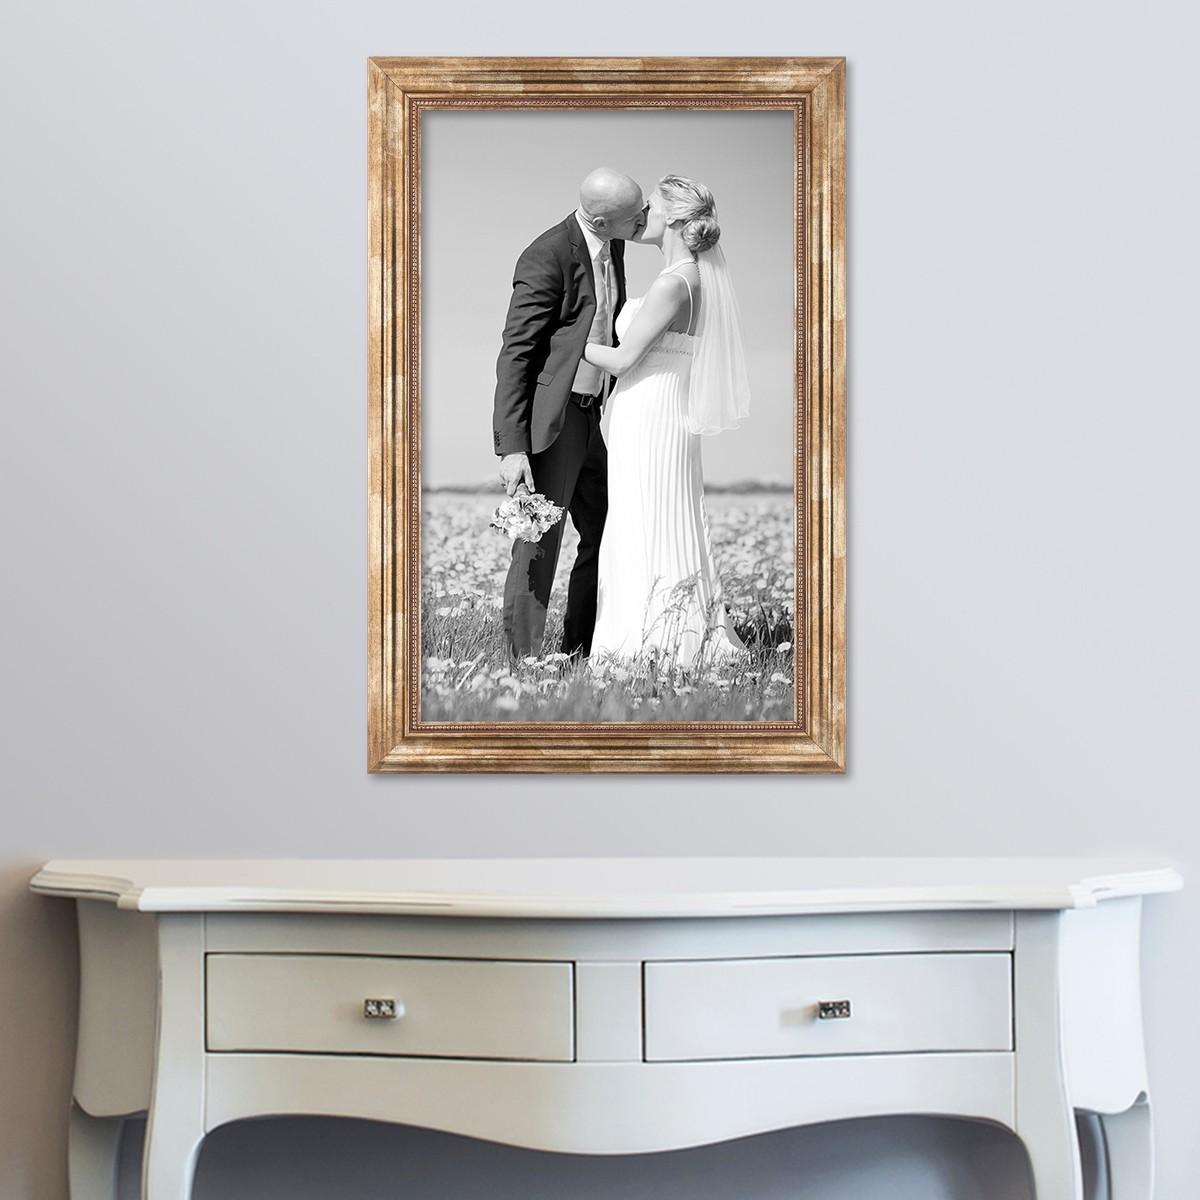 bilderrahmen landhaus barock breit vintage holz gold silber braun weiss rahmen ebay. Black Bedroom Furniture Sets. Home Design Ideas